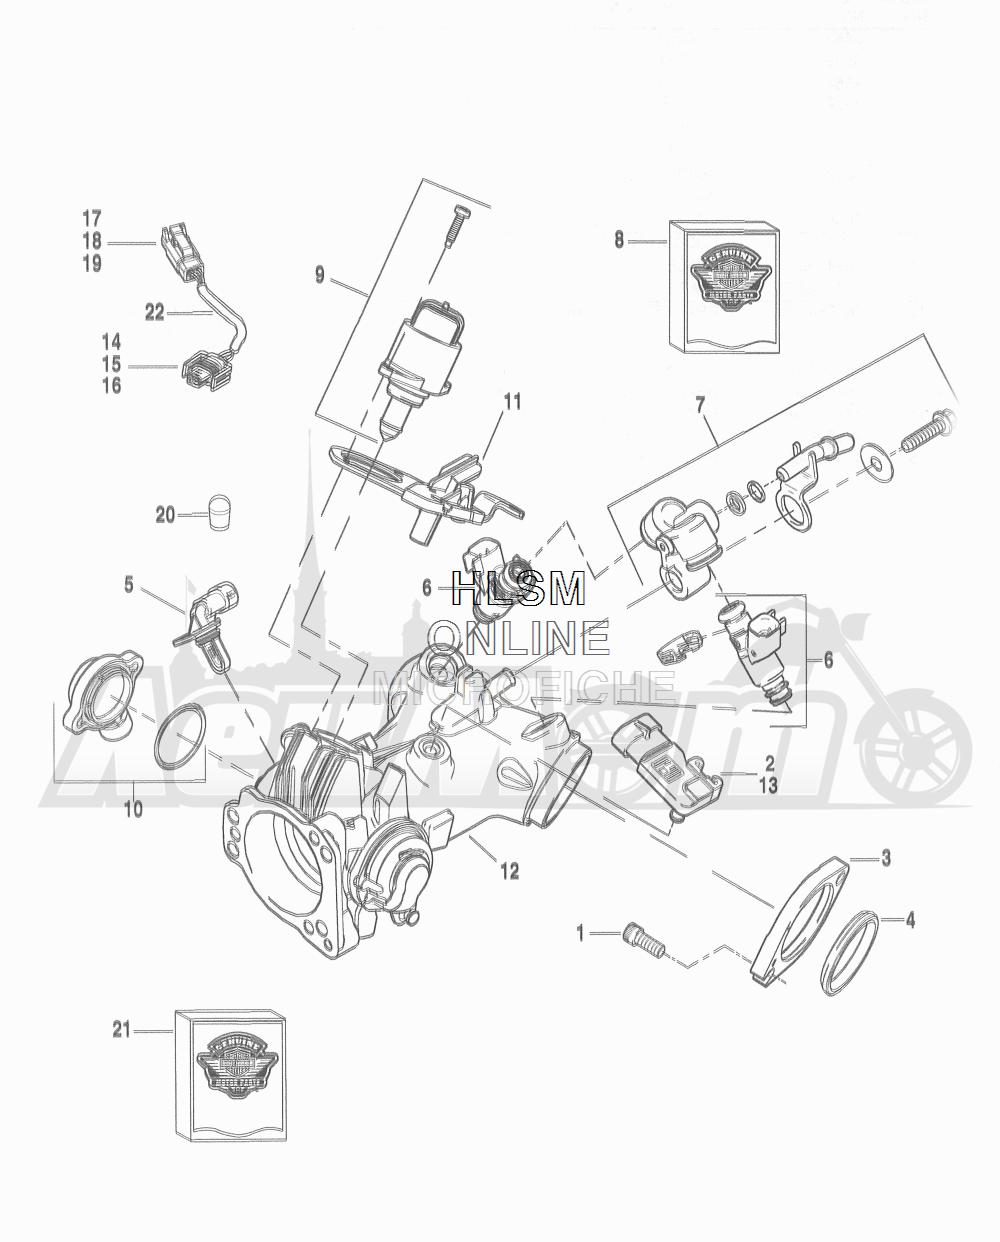 Запчасти для Мотоцикла Harley-Davidson 2016 FLD DYNA 96 SWITCHBACK (GZ4) Раздел: THROTTLE BODY - INDUCTION MODULE | дроссельный узел индукционный модуль